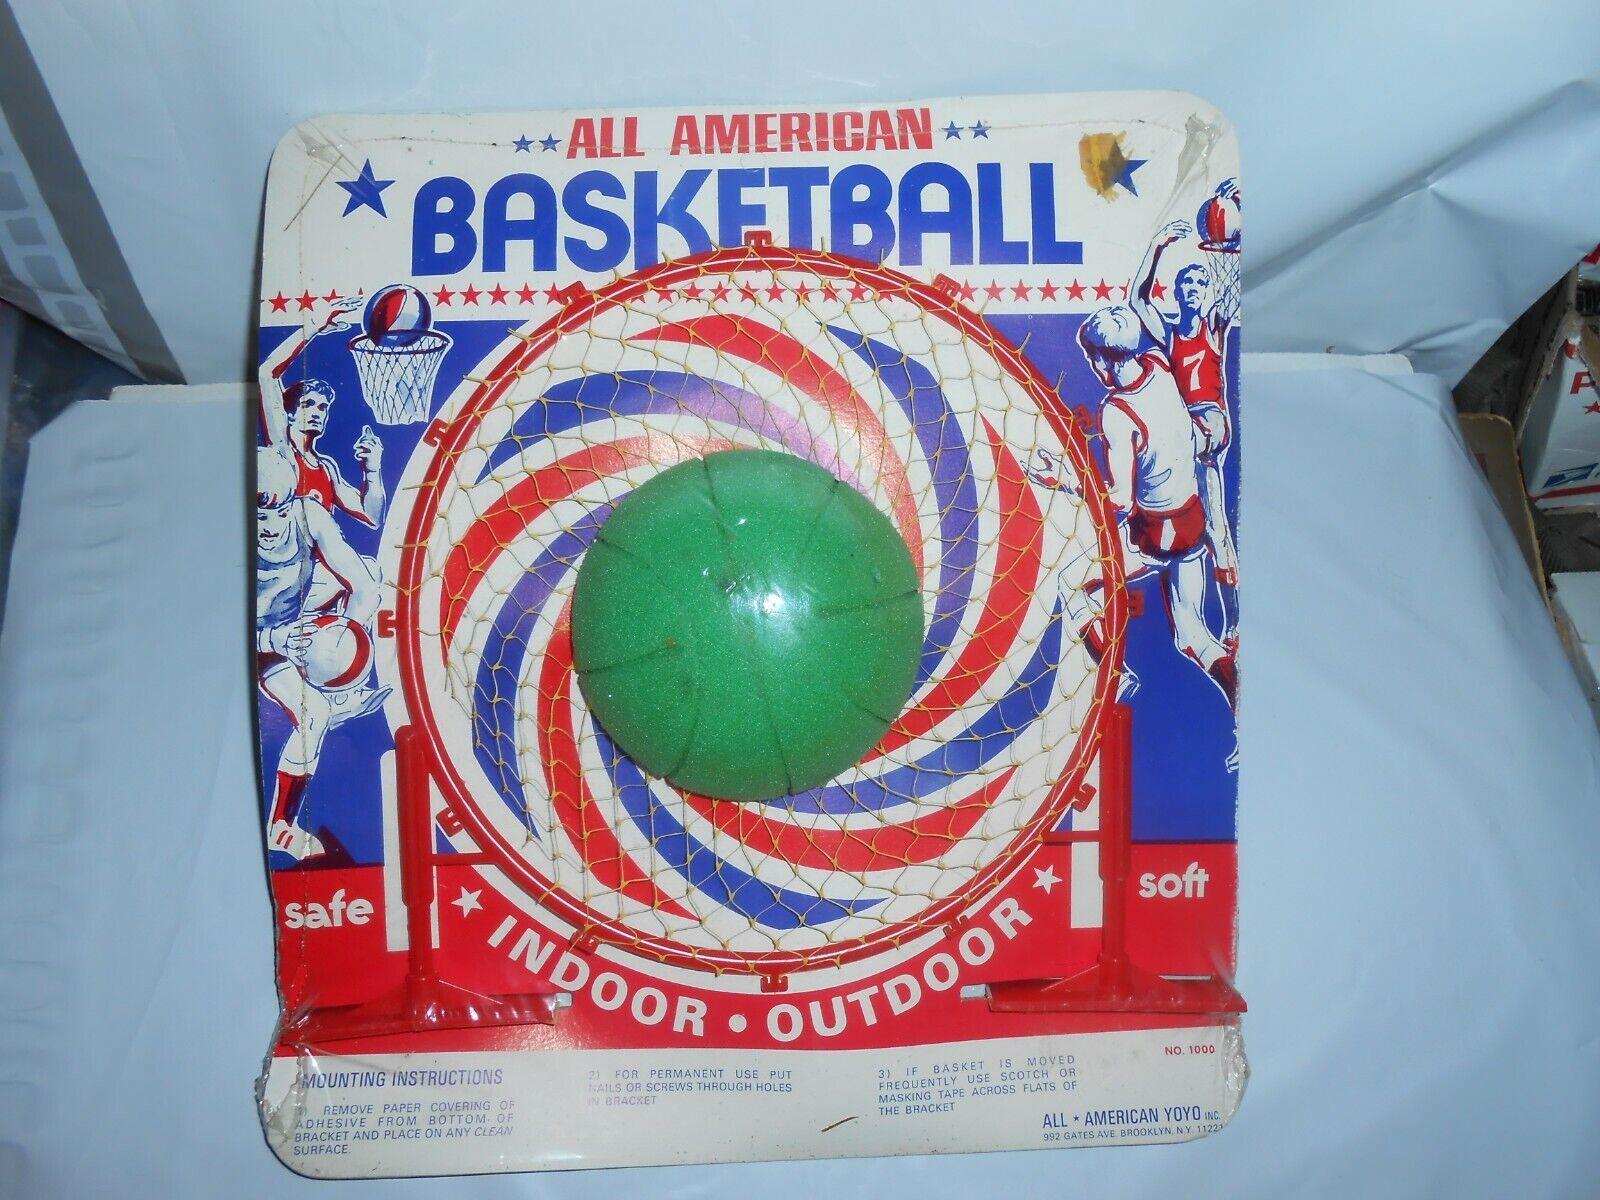 De Colección nos All American Yoyo Inc verde Nerf Estilo Baloncesto & Aro Ultra Raro